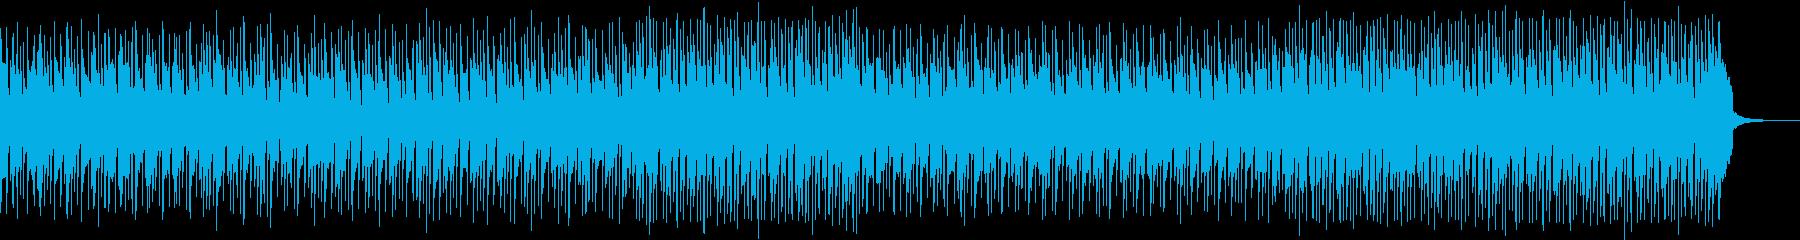 アコースティックギターメインのポップスの再生済みの波形